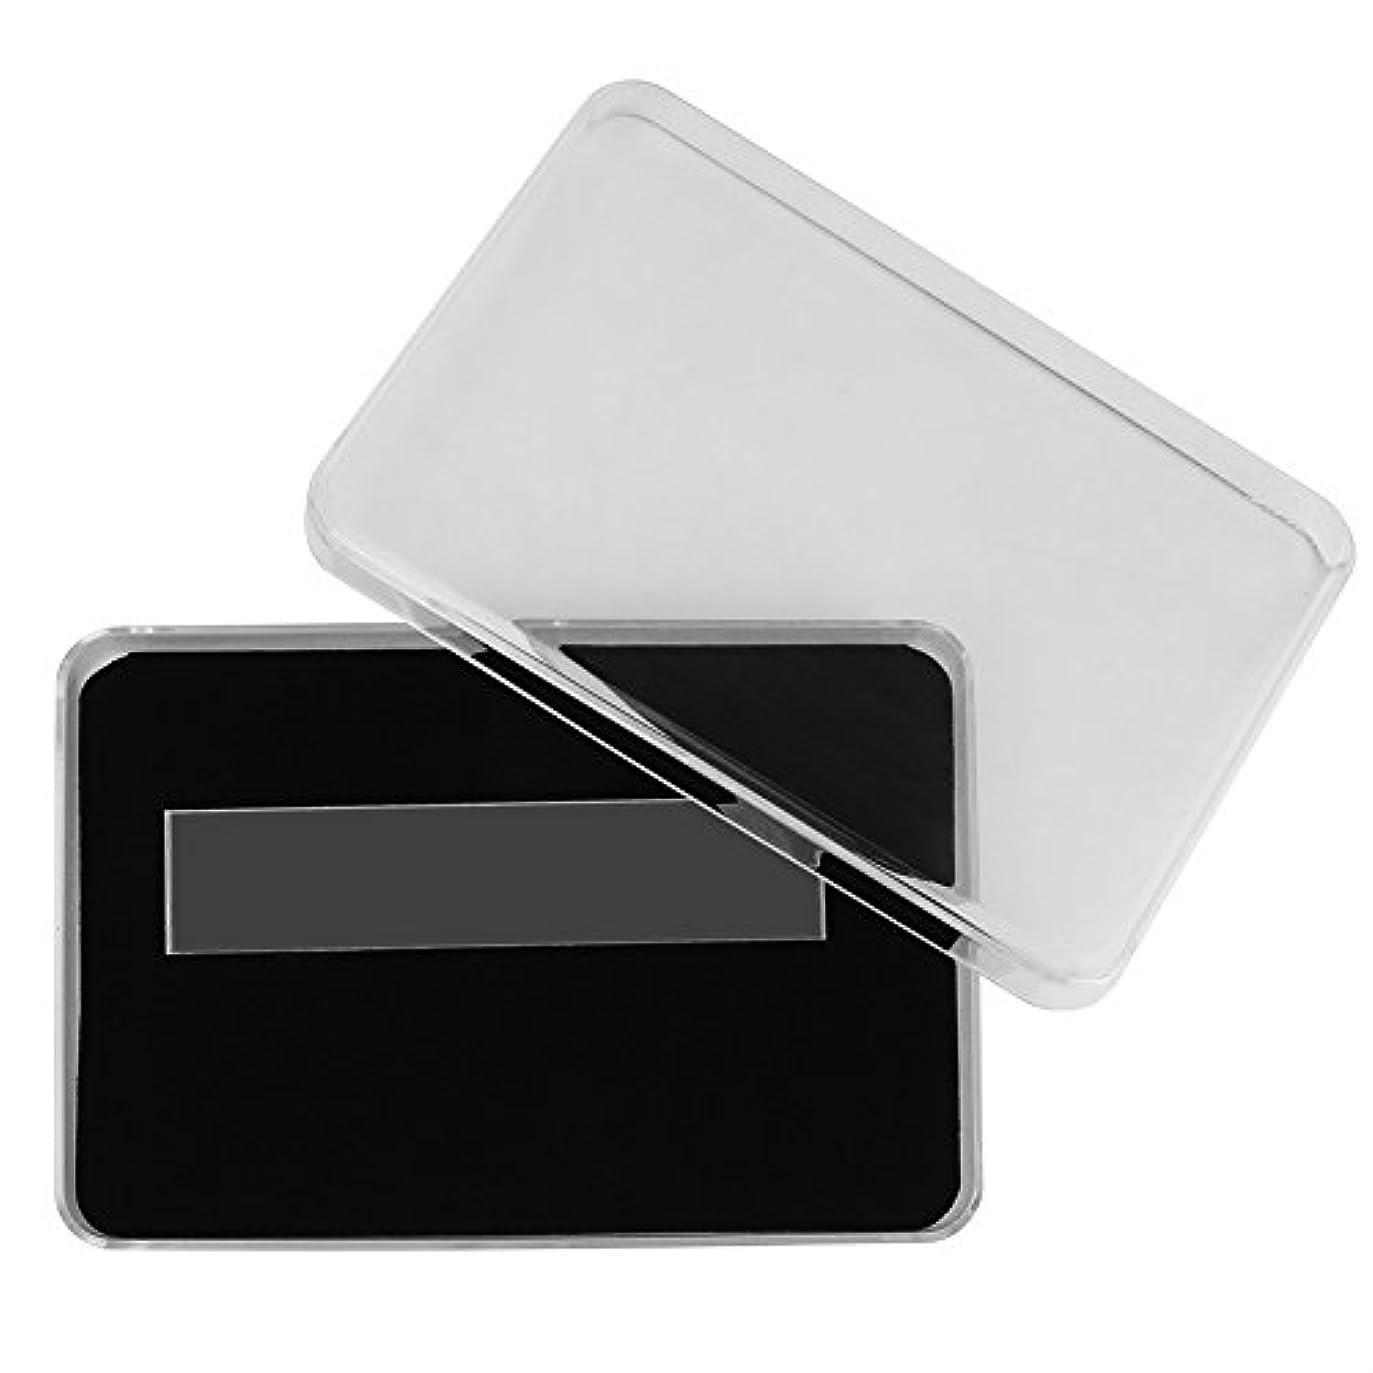 前書きネズミ分類するネイルアート収納ケース、ネイルポリッシュカラーディスプレイボックスネイルアート表示チャートコンテナマニキュア